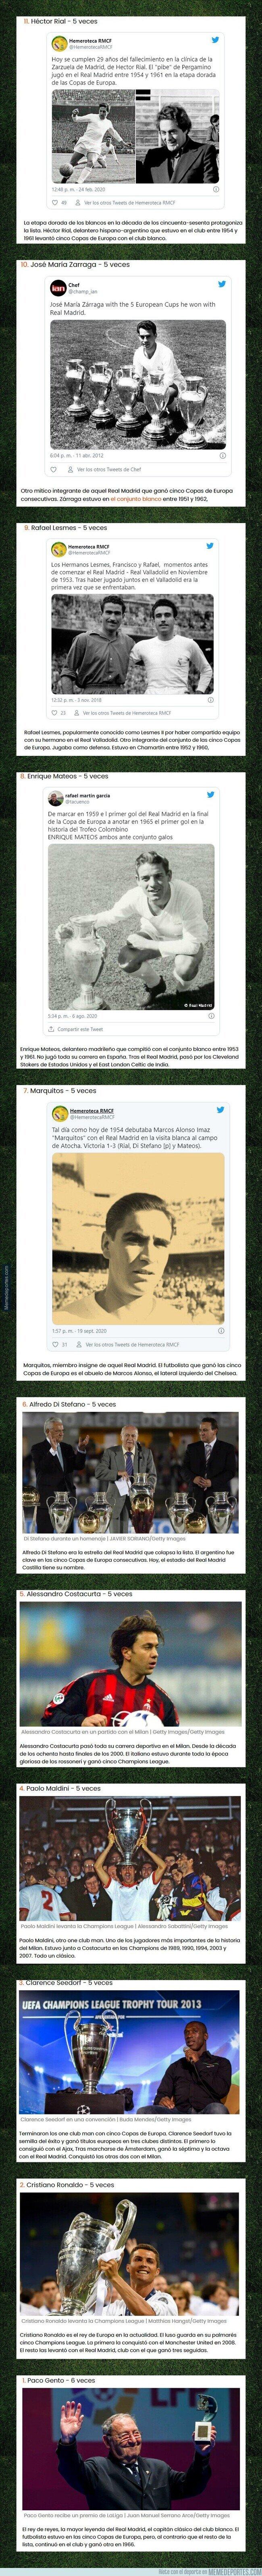 1118592 - Los futbolistas que más veces han ganado la Champions League: casi todos pasaron por el Real Madrid